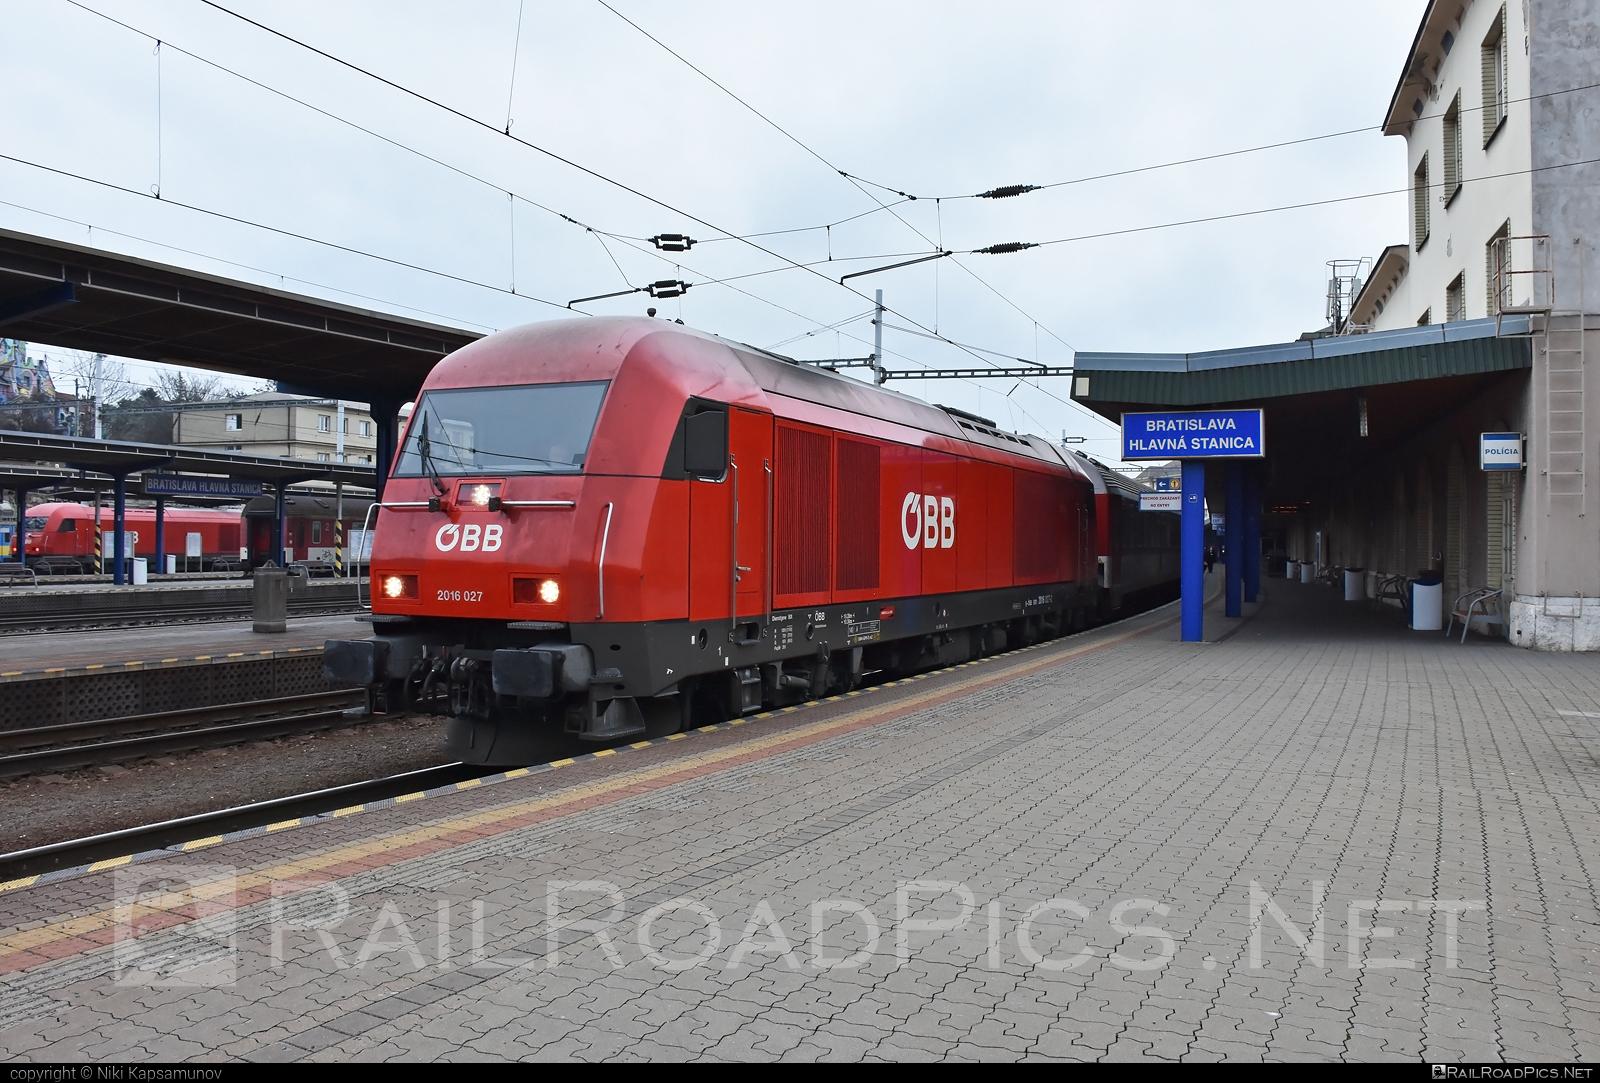 Siemens ER20 - 2016 027 operated by Österreichische Bundesbahnen #er20 #er20hercules #eurorunner #hercules #obb #osterreichischebundesbahnen #siemens #siemenser20 #siemenser20hercules #siemenseurorunner #siemenshercules